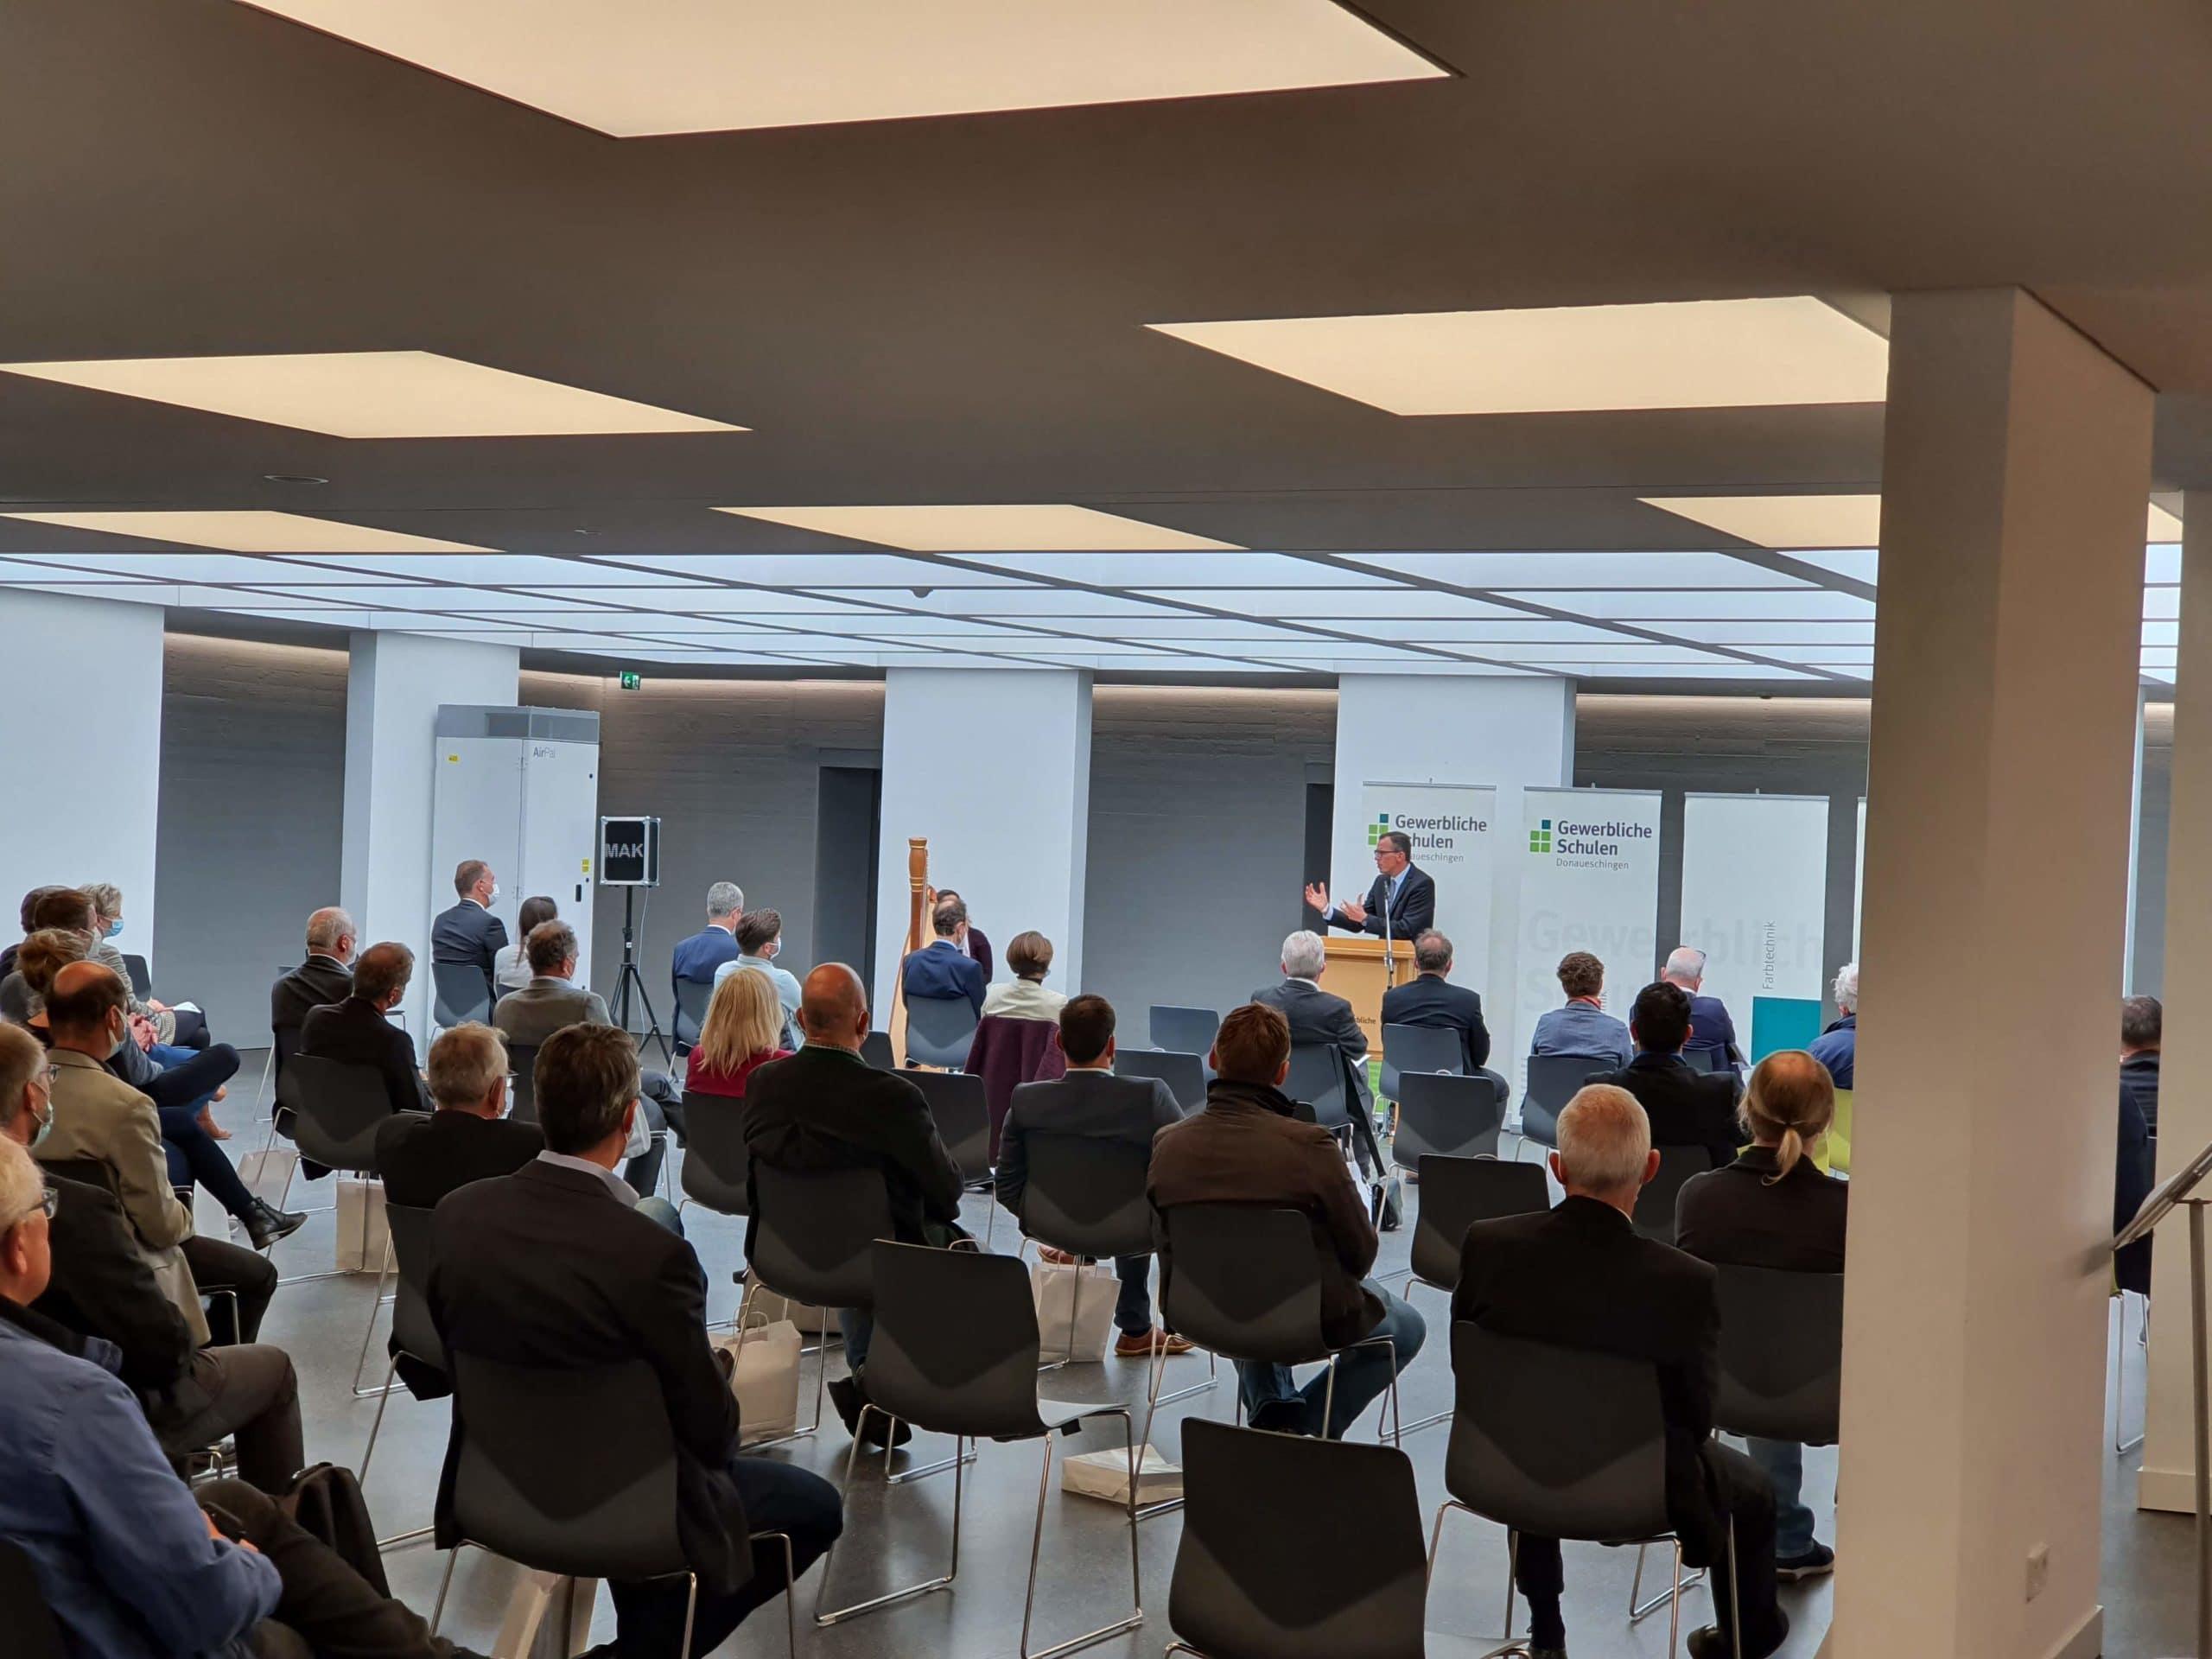 Diese Woche fand die feierliche Einweihung der Lernfabrik 4.0 in den Gewerblichen Schulen Donaueschingen statt, auf die wir uns in besonderem Maße gefreut haben.